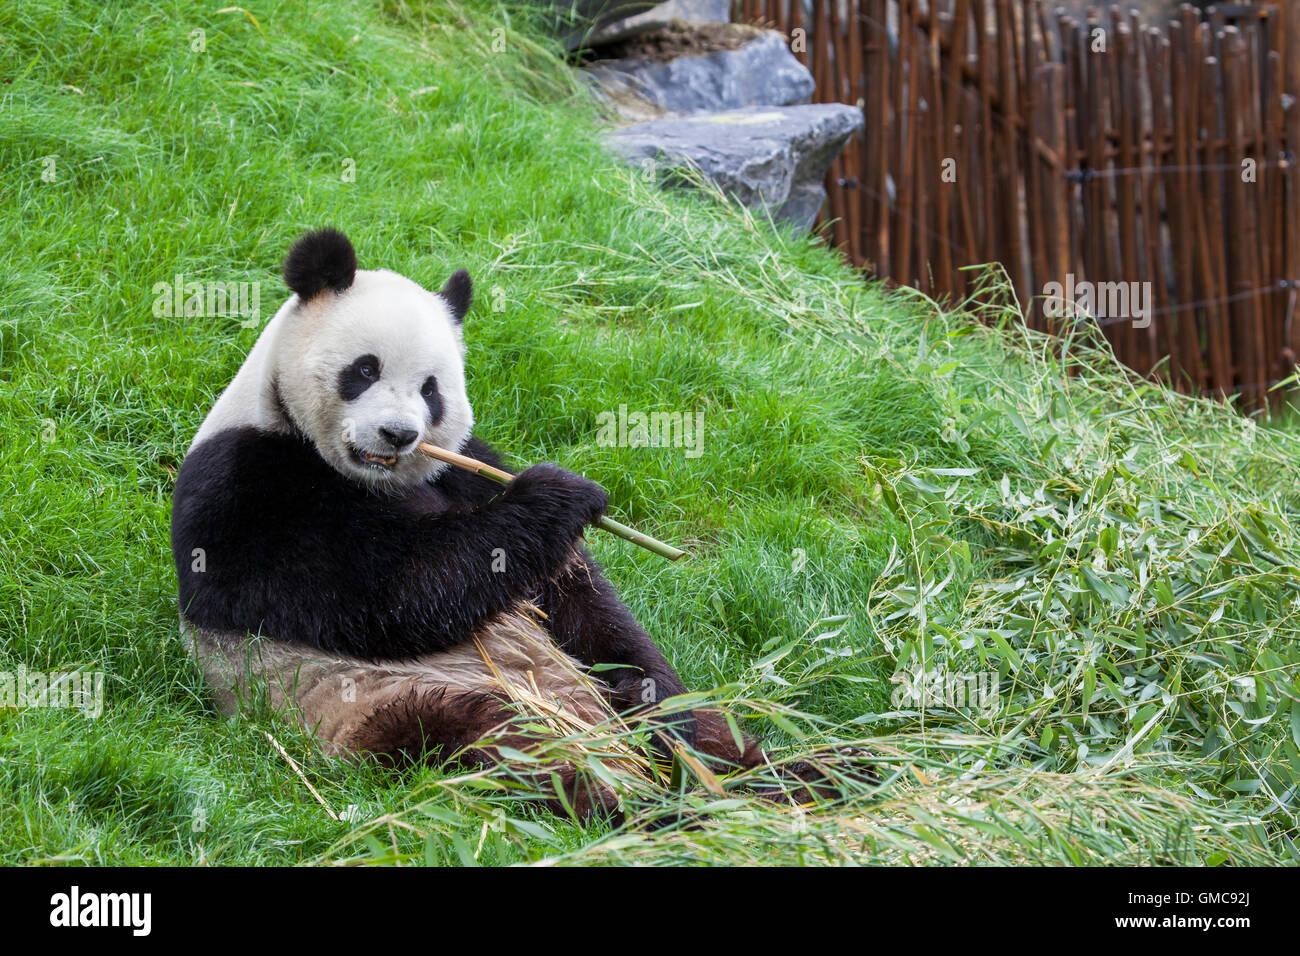 Panda est assis sur le sol et se nourrit de bambou dans un zoo Photo Stock